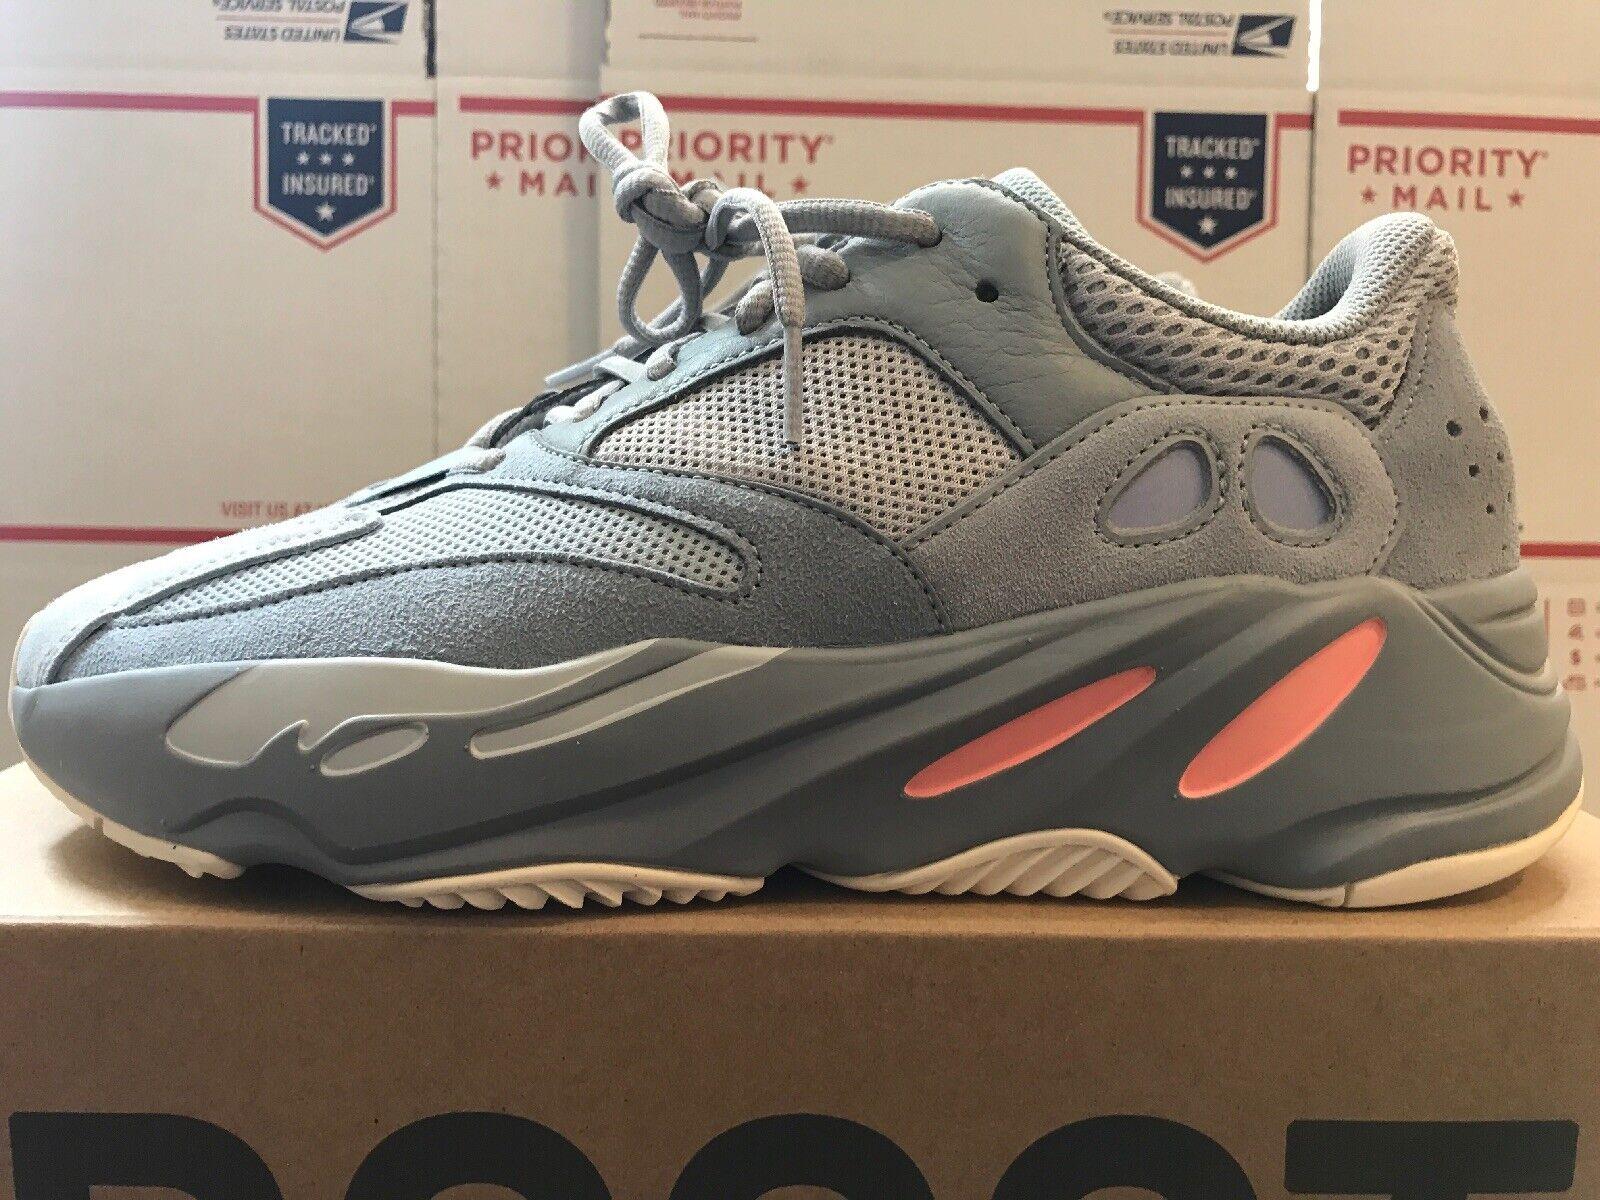 Adidas Originals x Kanye West  Yeezy Boost 700 INERTIA size 9.5 Deadstock